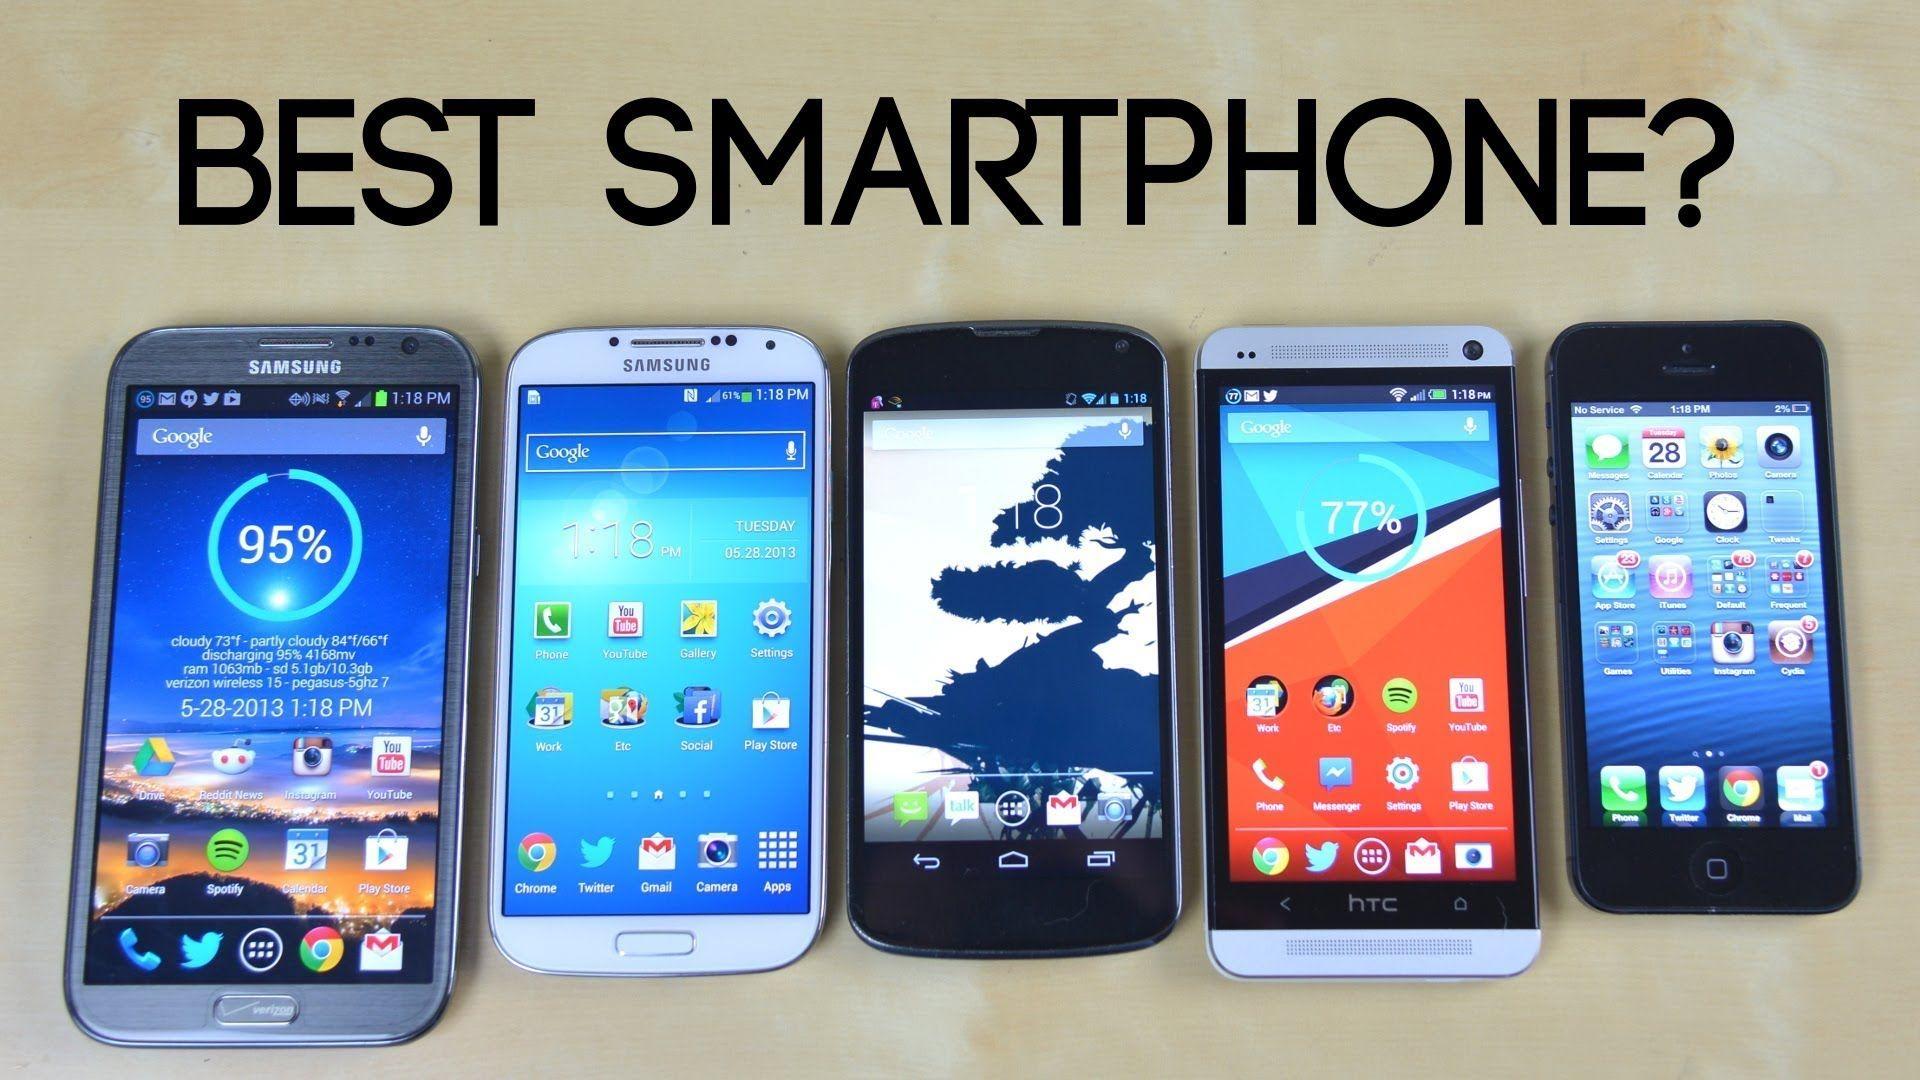 Top 10 Smartphones 2014 List Of Best Smartphones In The World Best Smartphone Smartphone Reviews Smartphone